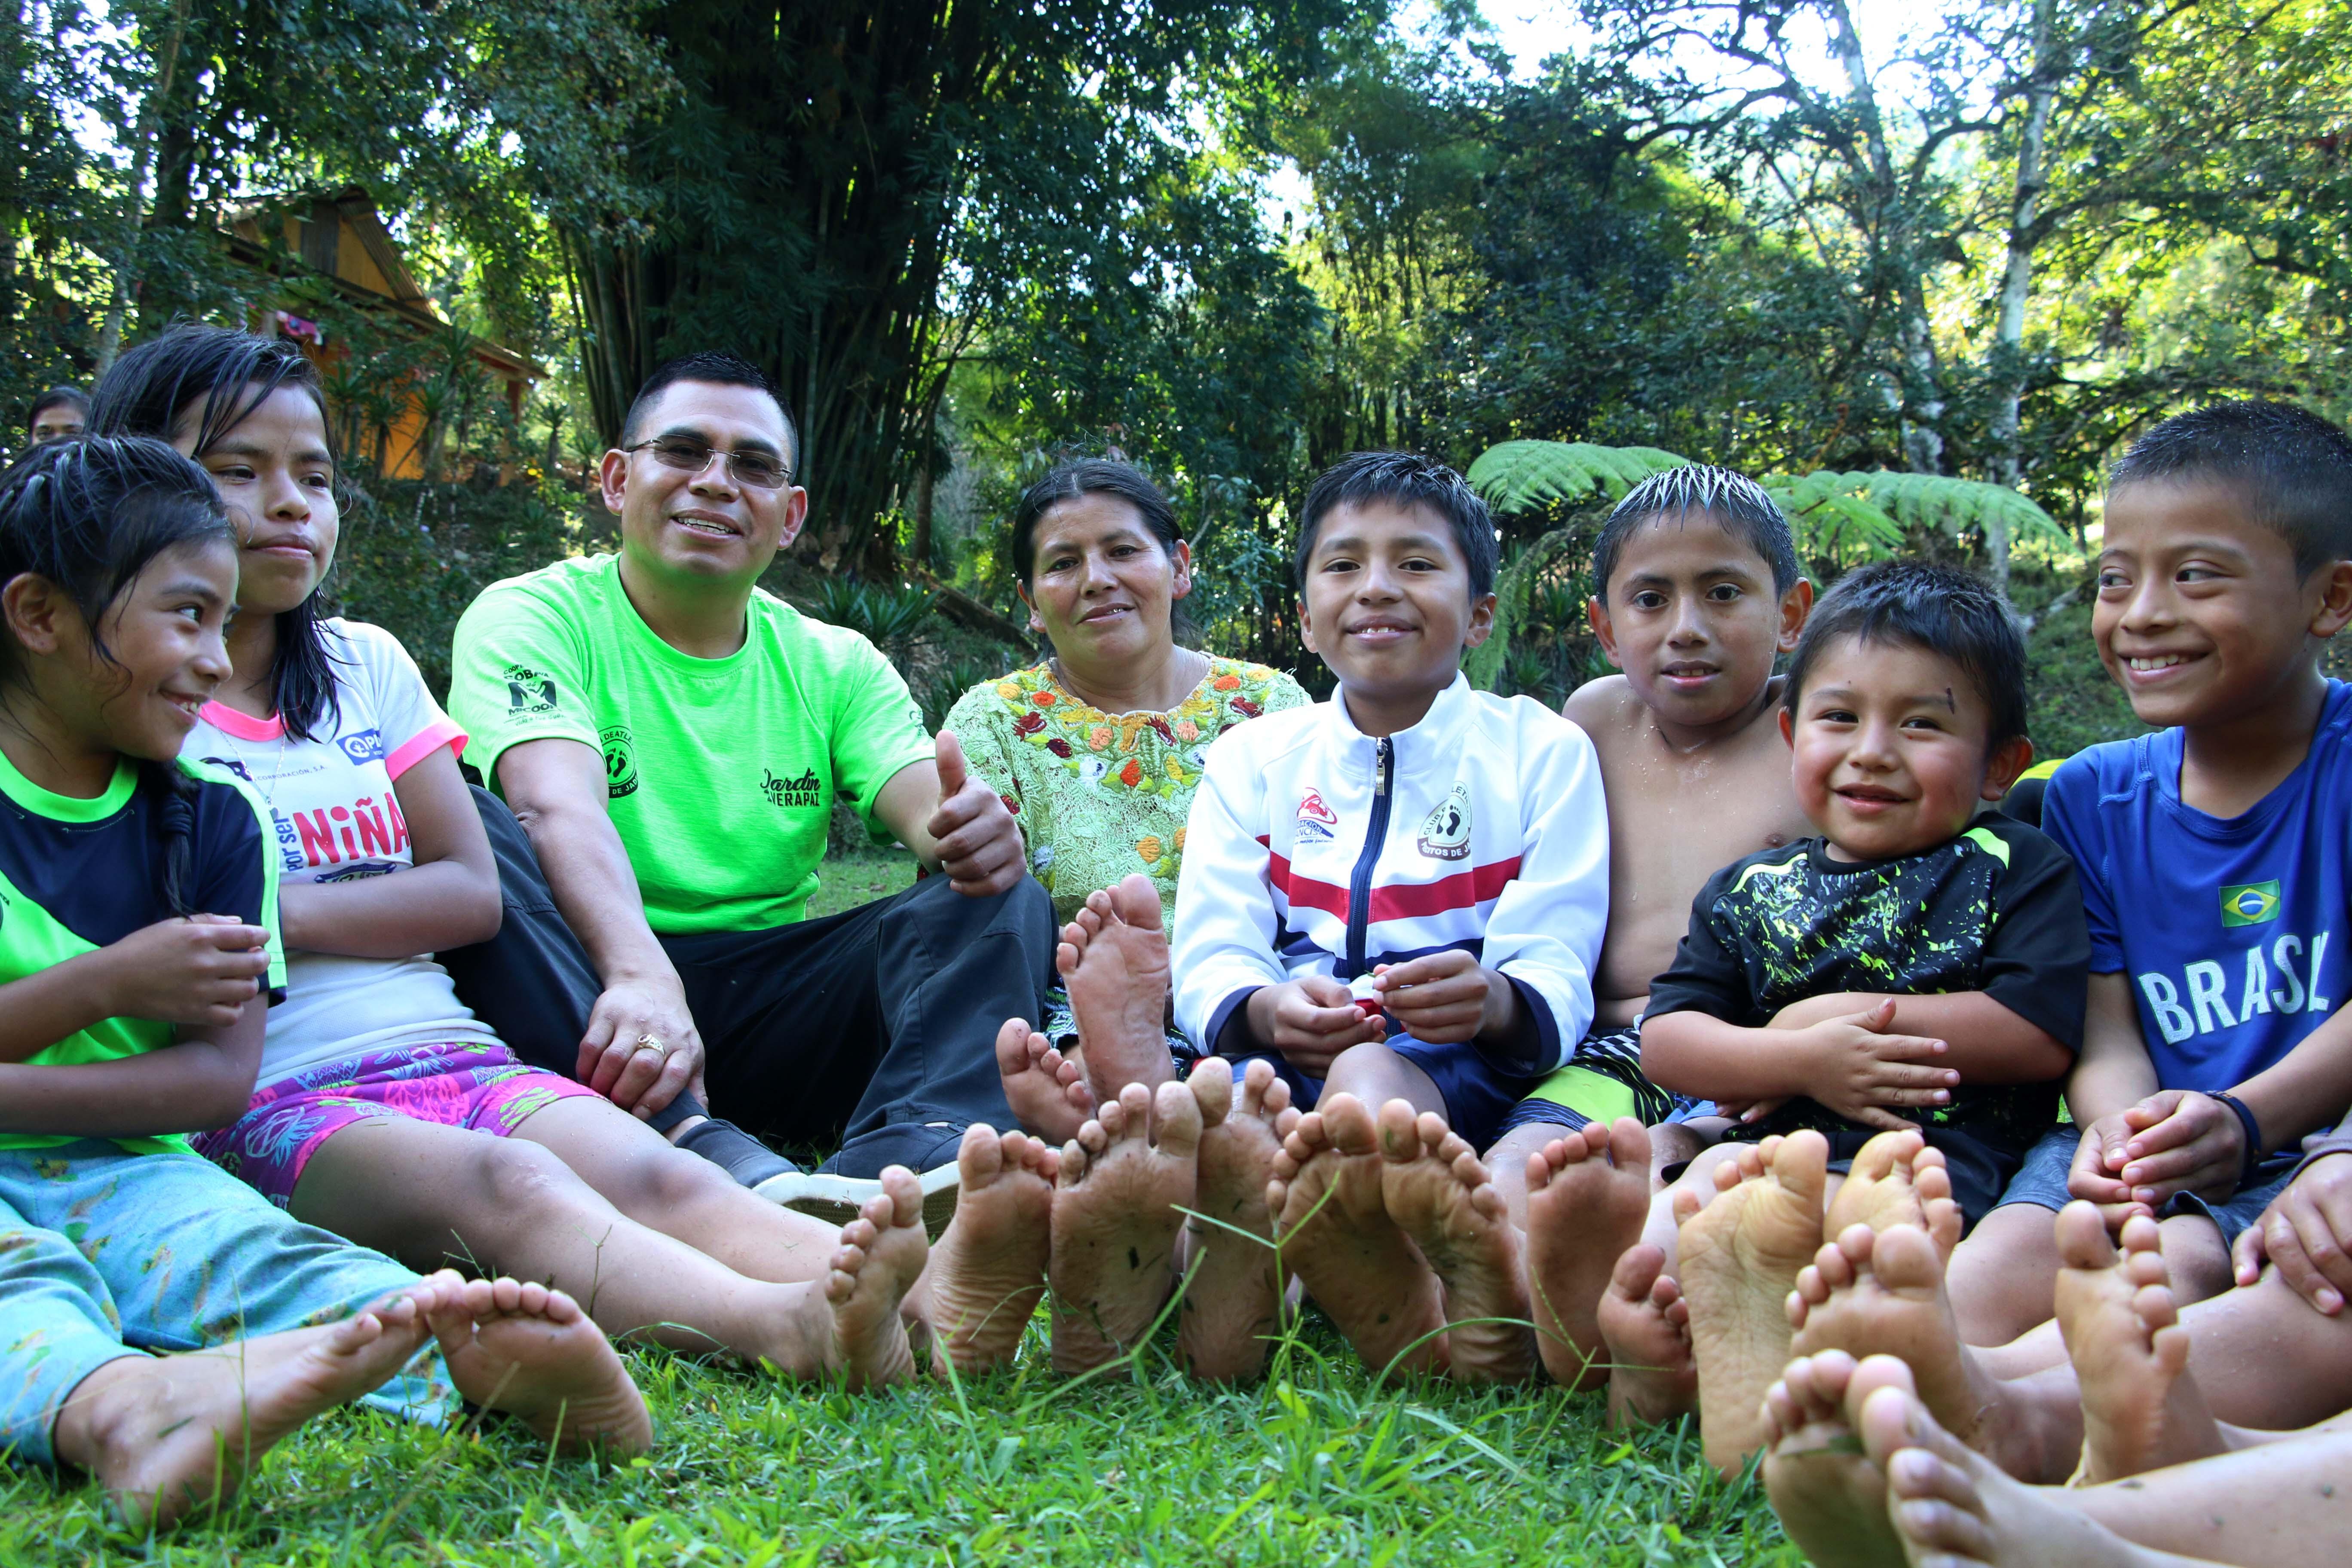 La entrenadora Herlinda Xol compartió con el grupo de atletas de Piecitos de Jade, llevó a niños y jóvenes a un balneario. (Foto Prensa Libre: Eduardo Sam Chun)